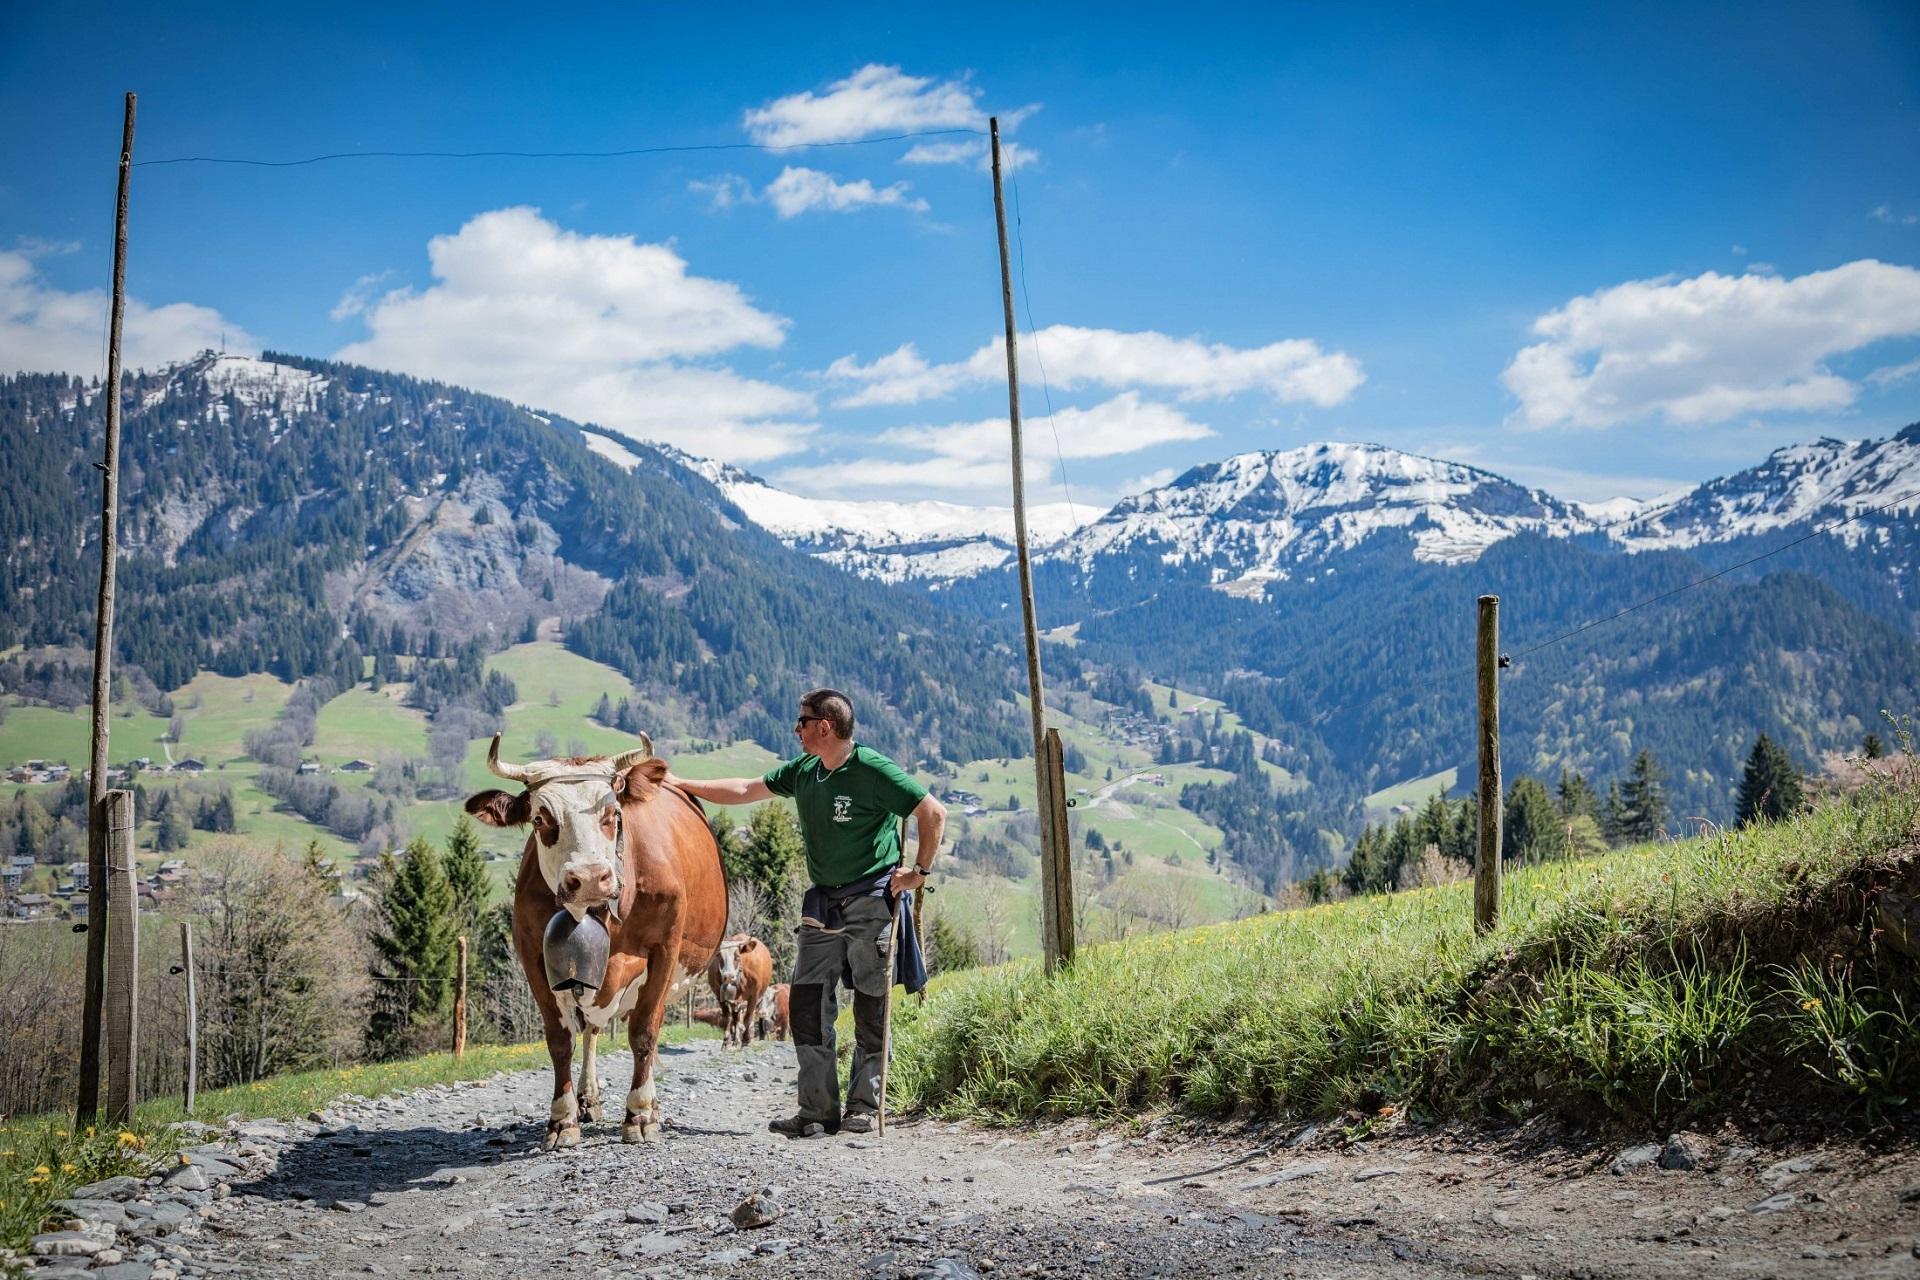 l'arboisie-megeve-incentive-ski-montagne-alpes-nature-101 seminaires-de-caractere